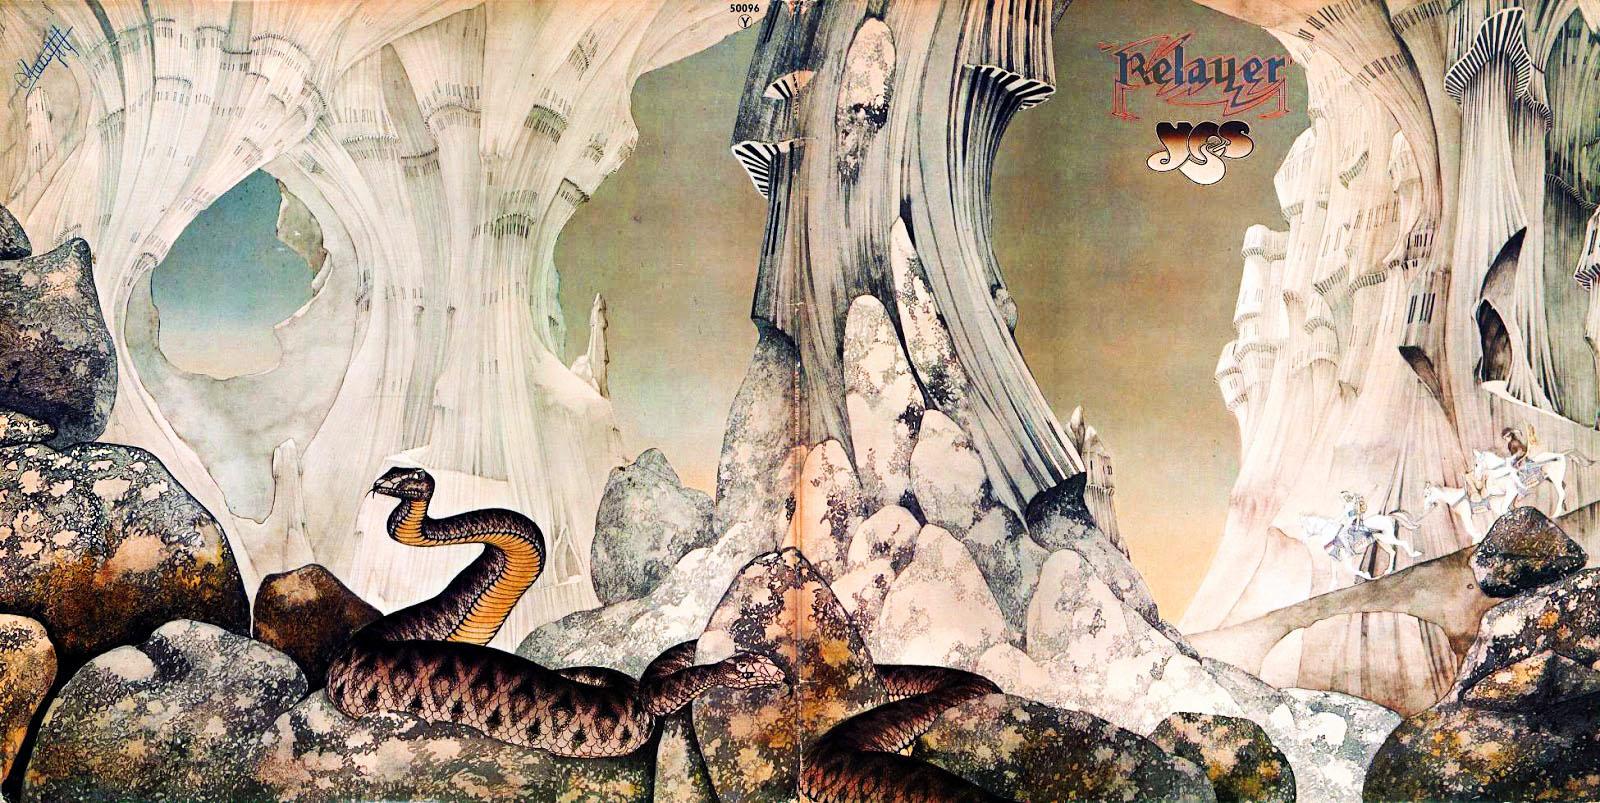 roger dean relayer wallpaper